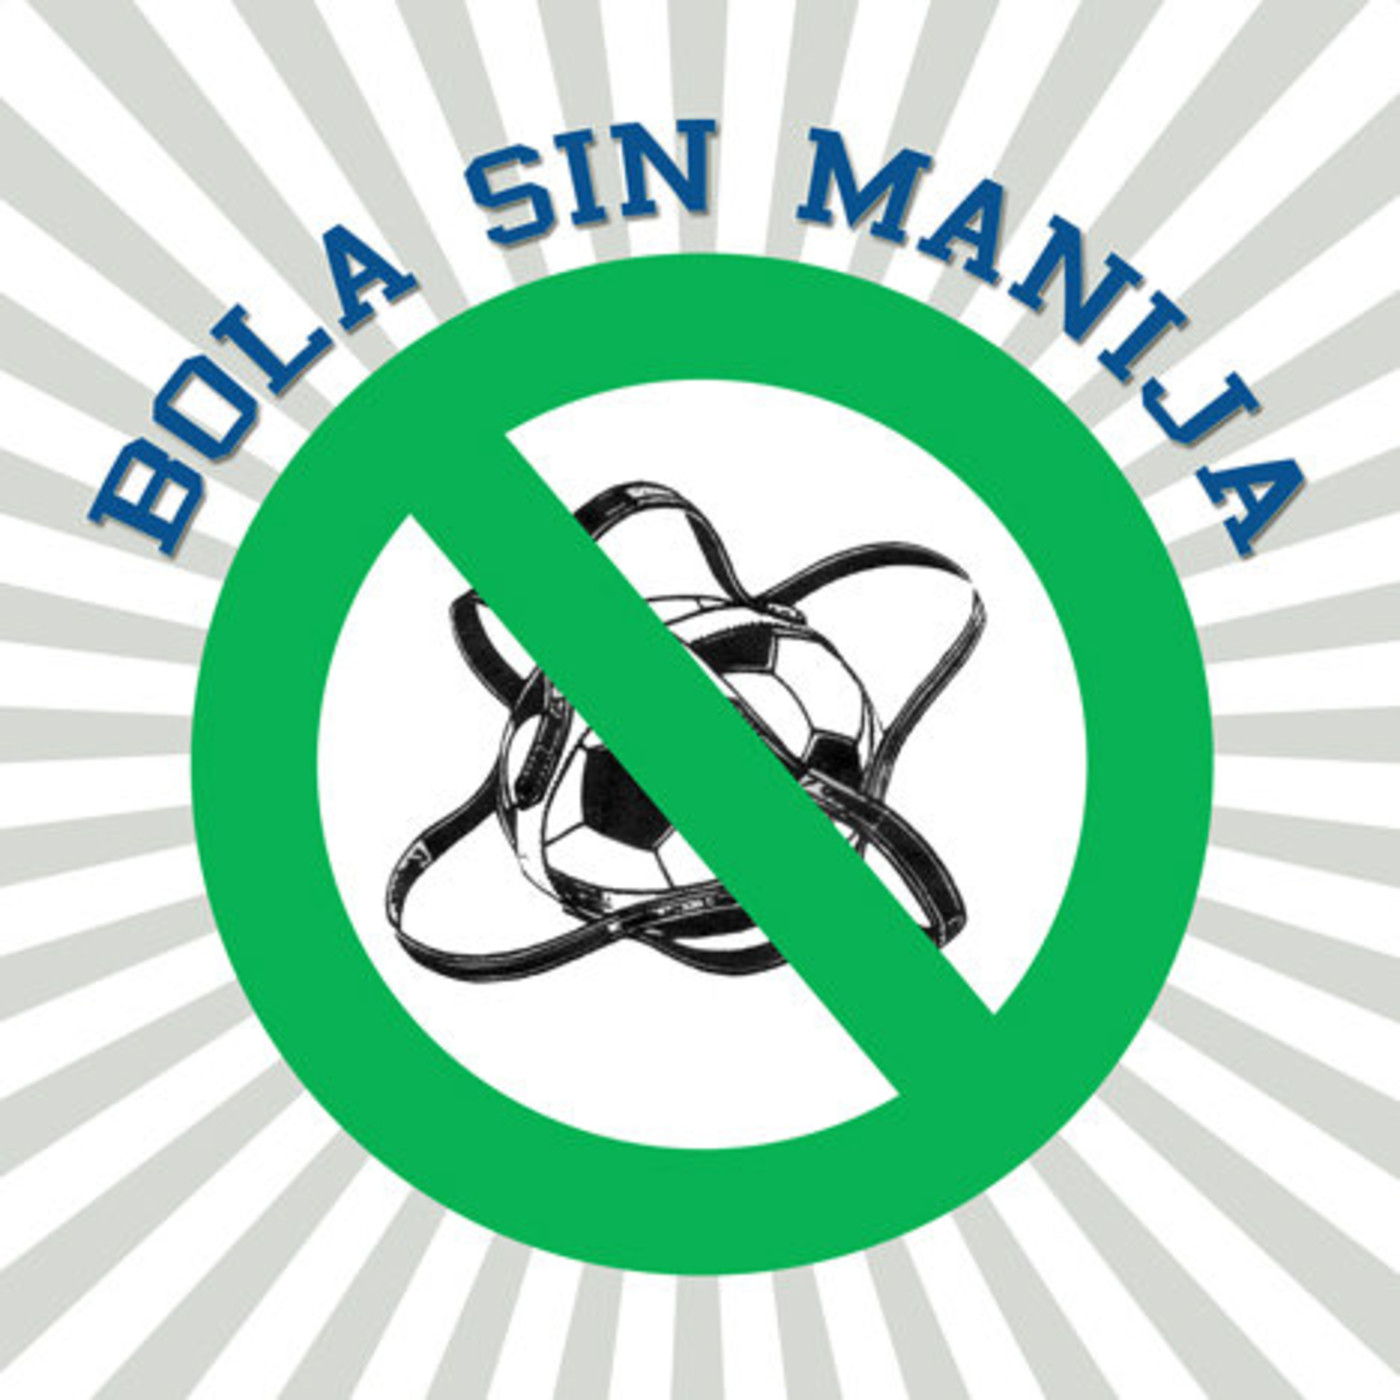 447-BSM Radio - El 0-0 es el punto dentro de una recta 21 9 2020